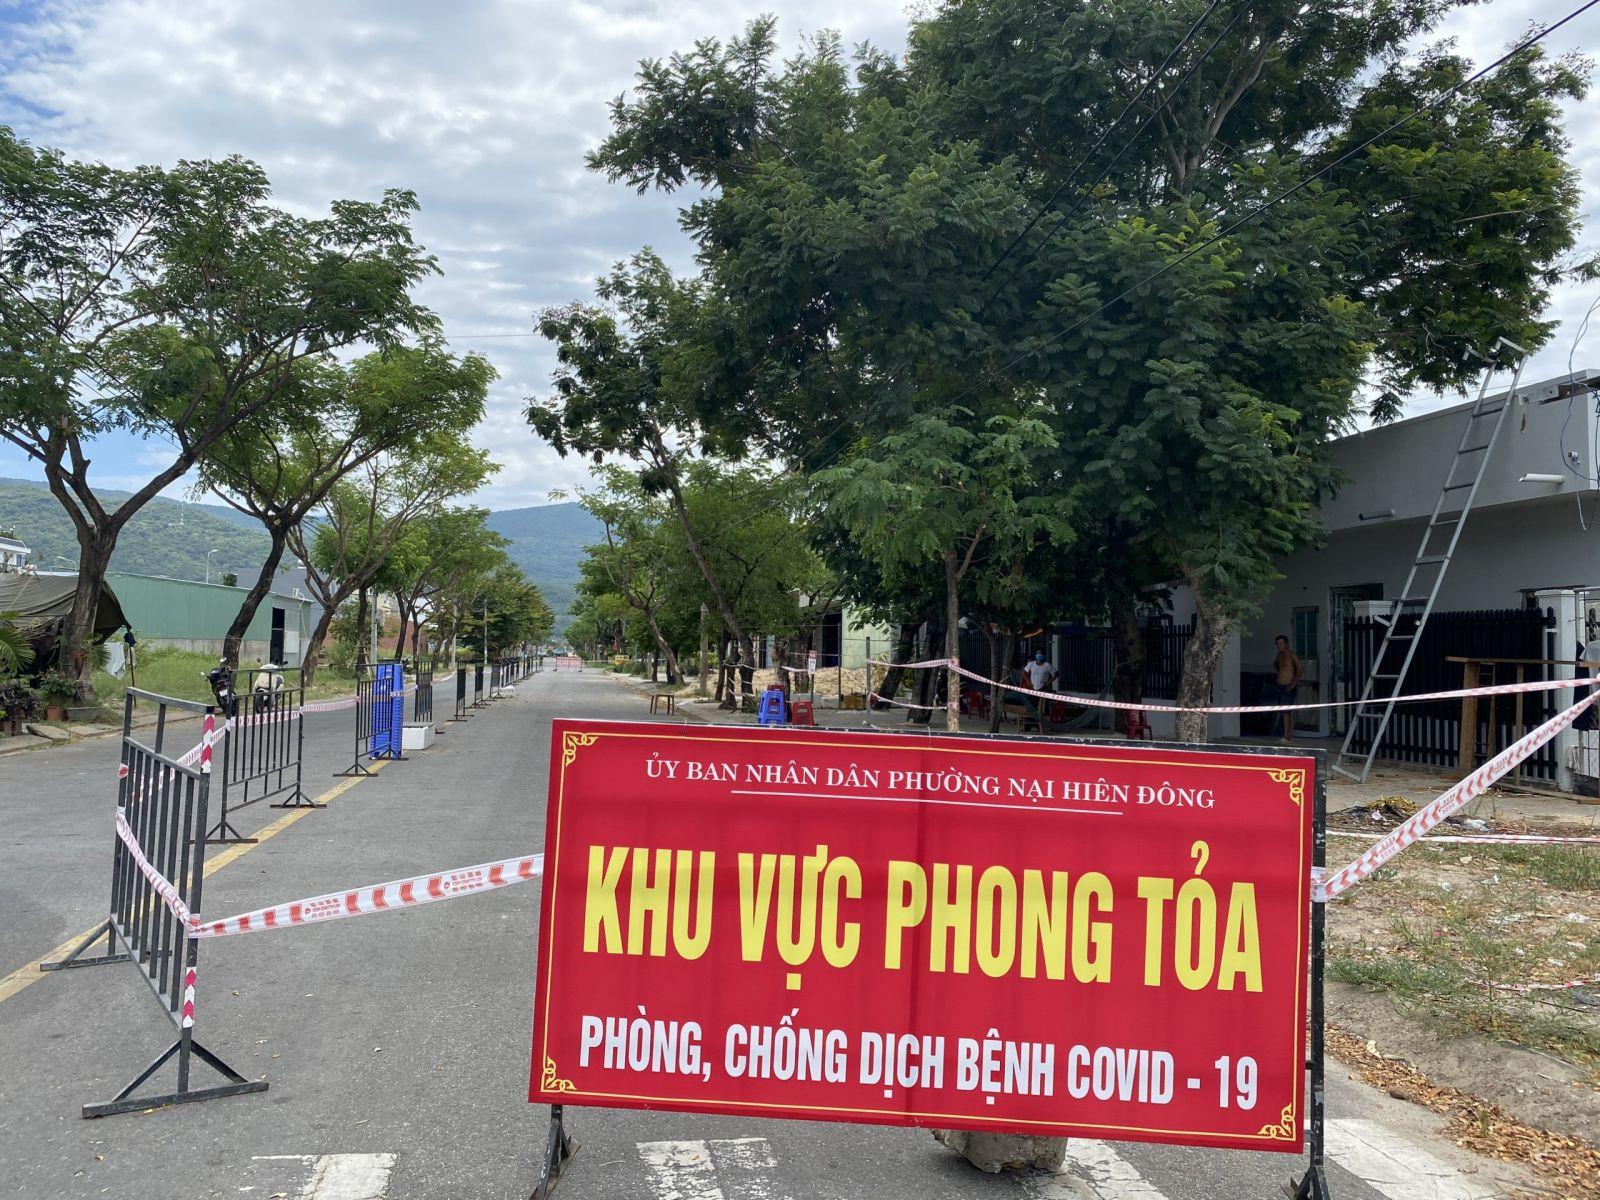 Bắt đầu từ 18h ngày 31/7 Đà Nẵng áp dụng các biện pháp phòng chống dịch Covid-19 theo Chỉ thị 16 của Thủ tướng Chính phủ.